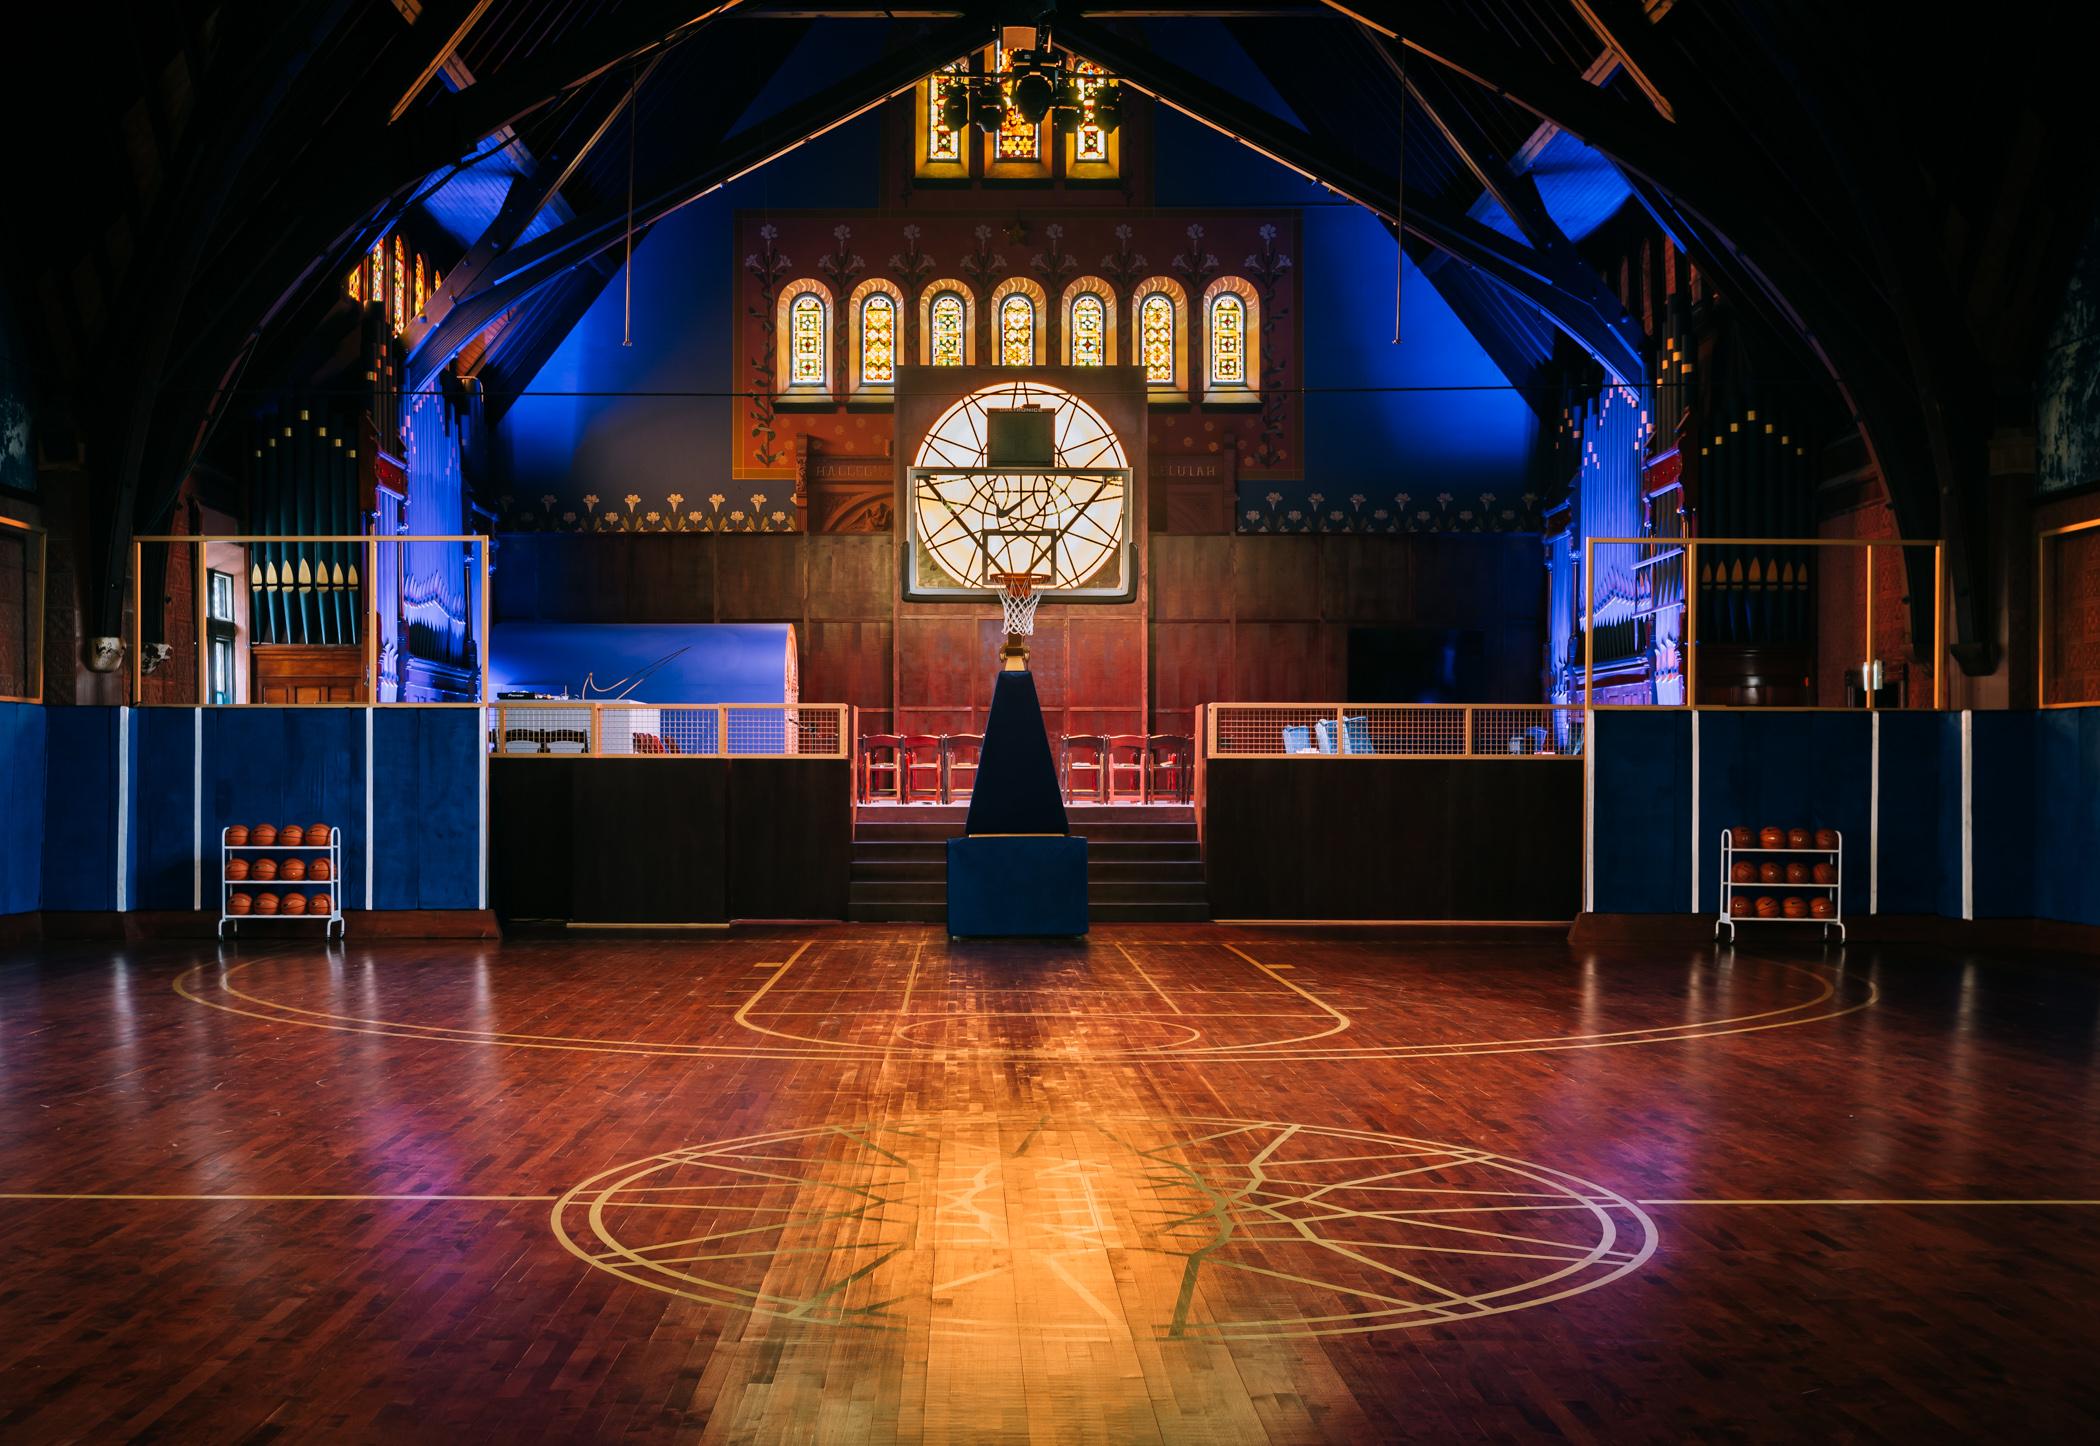 20180806 - JDI HQ at the Church - Space Beauty-2.jpg